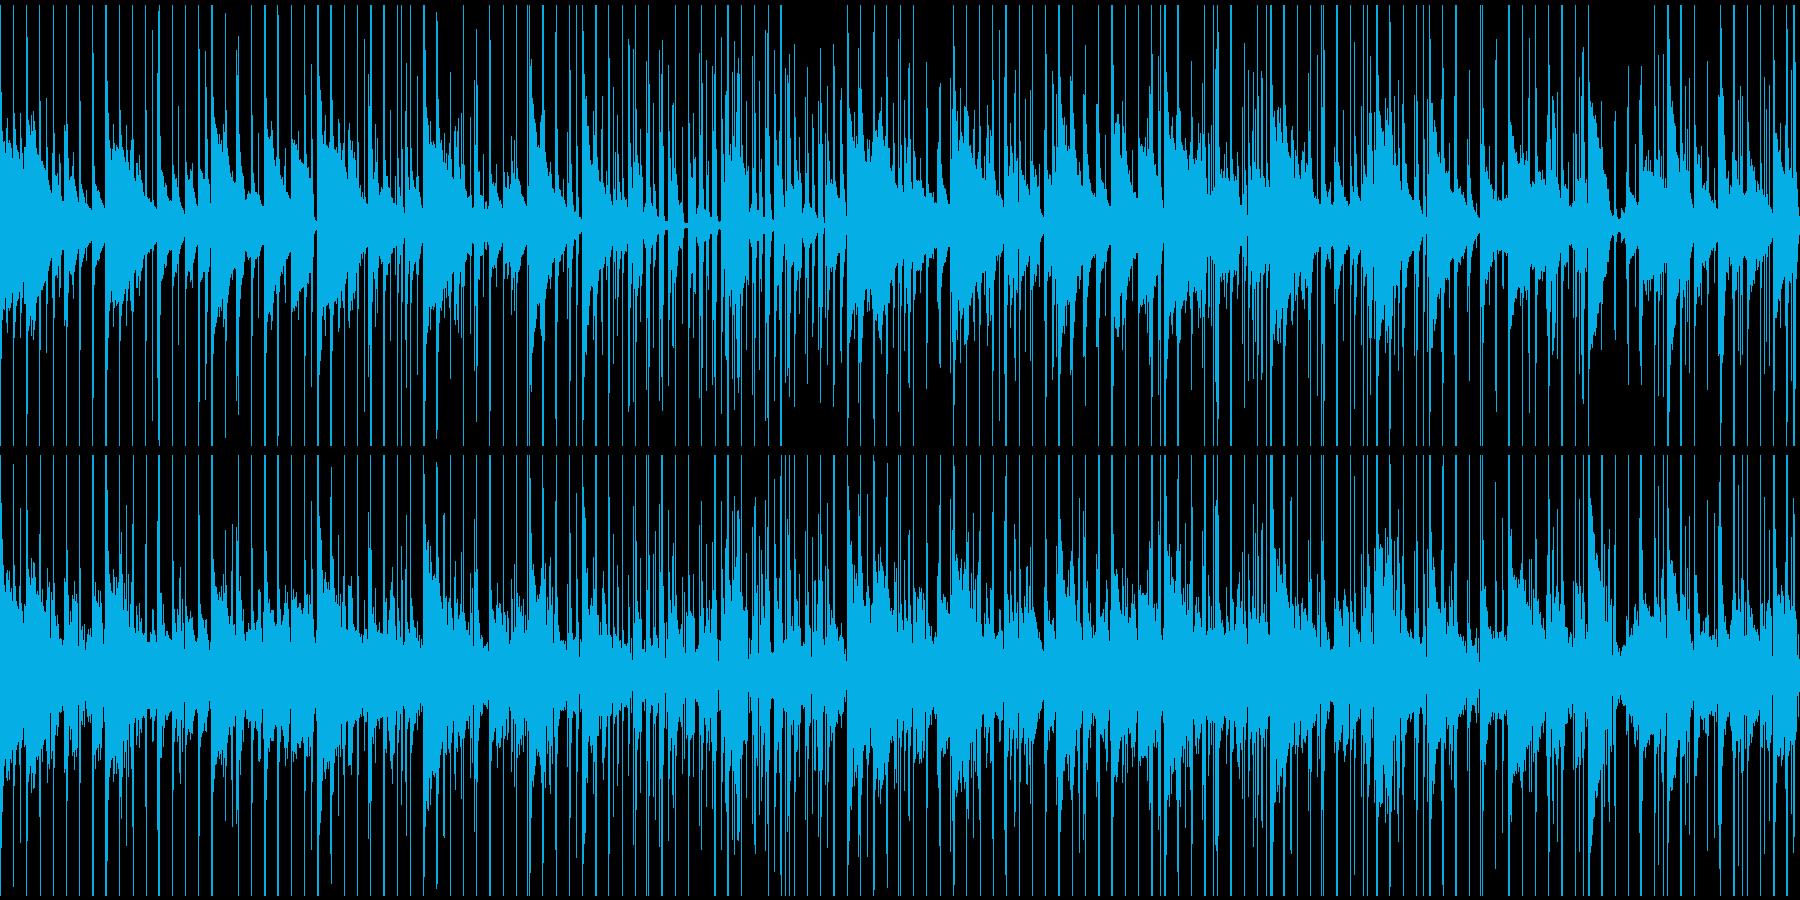 謎解き、推理中、ミステリー調(ループ)の再生済みの波形